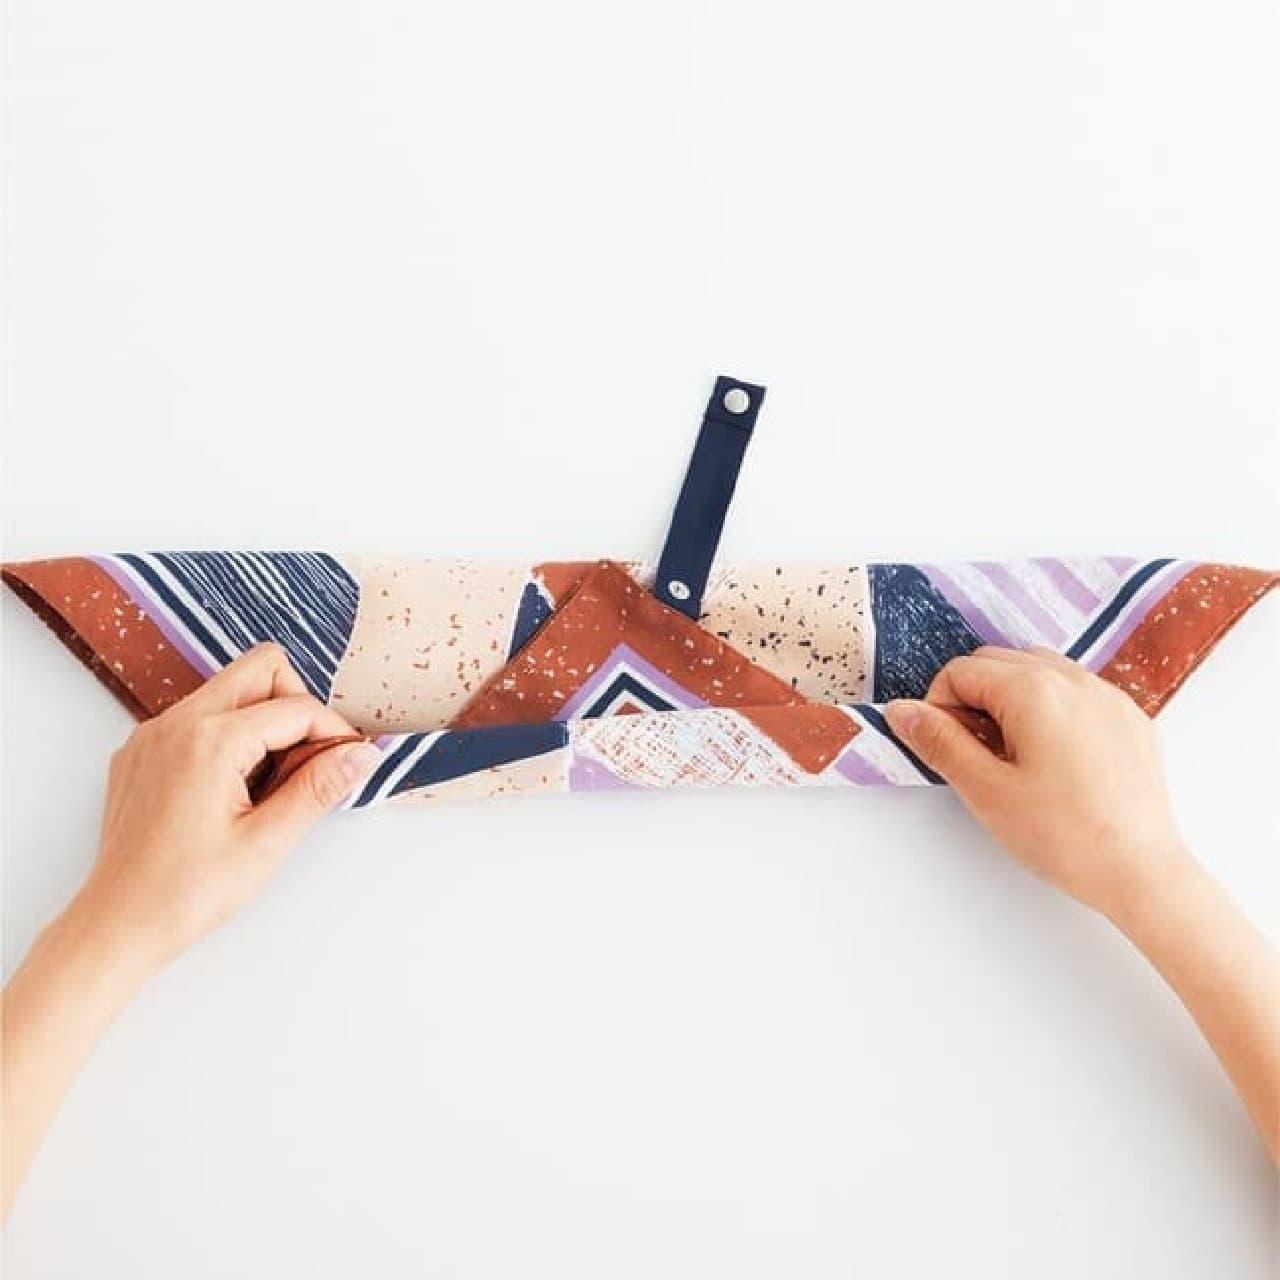 フェリシモ「スカーフエコバッグ」新作 -- 吉本悠美さんデザイン